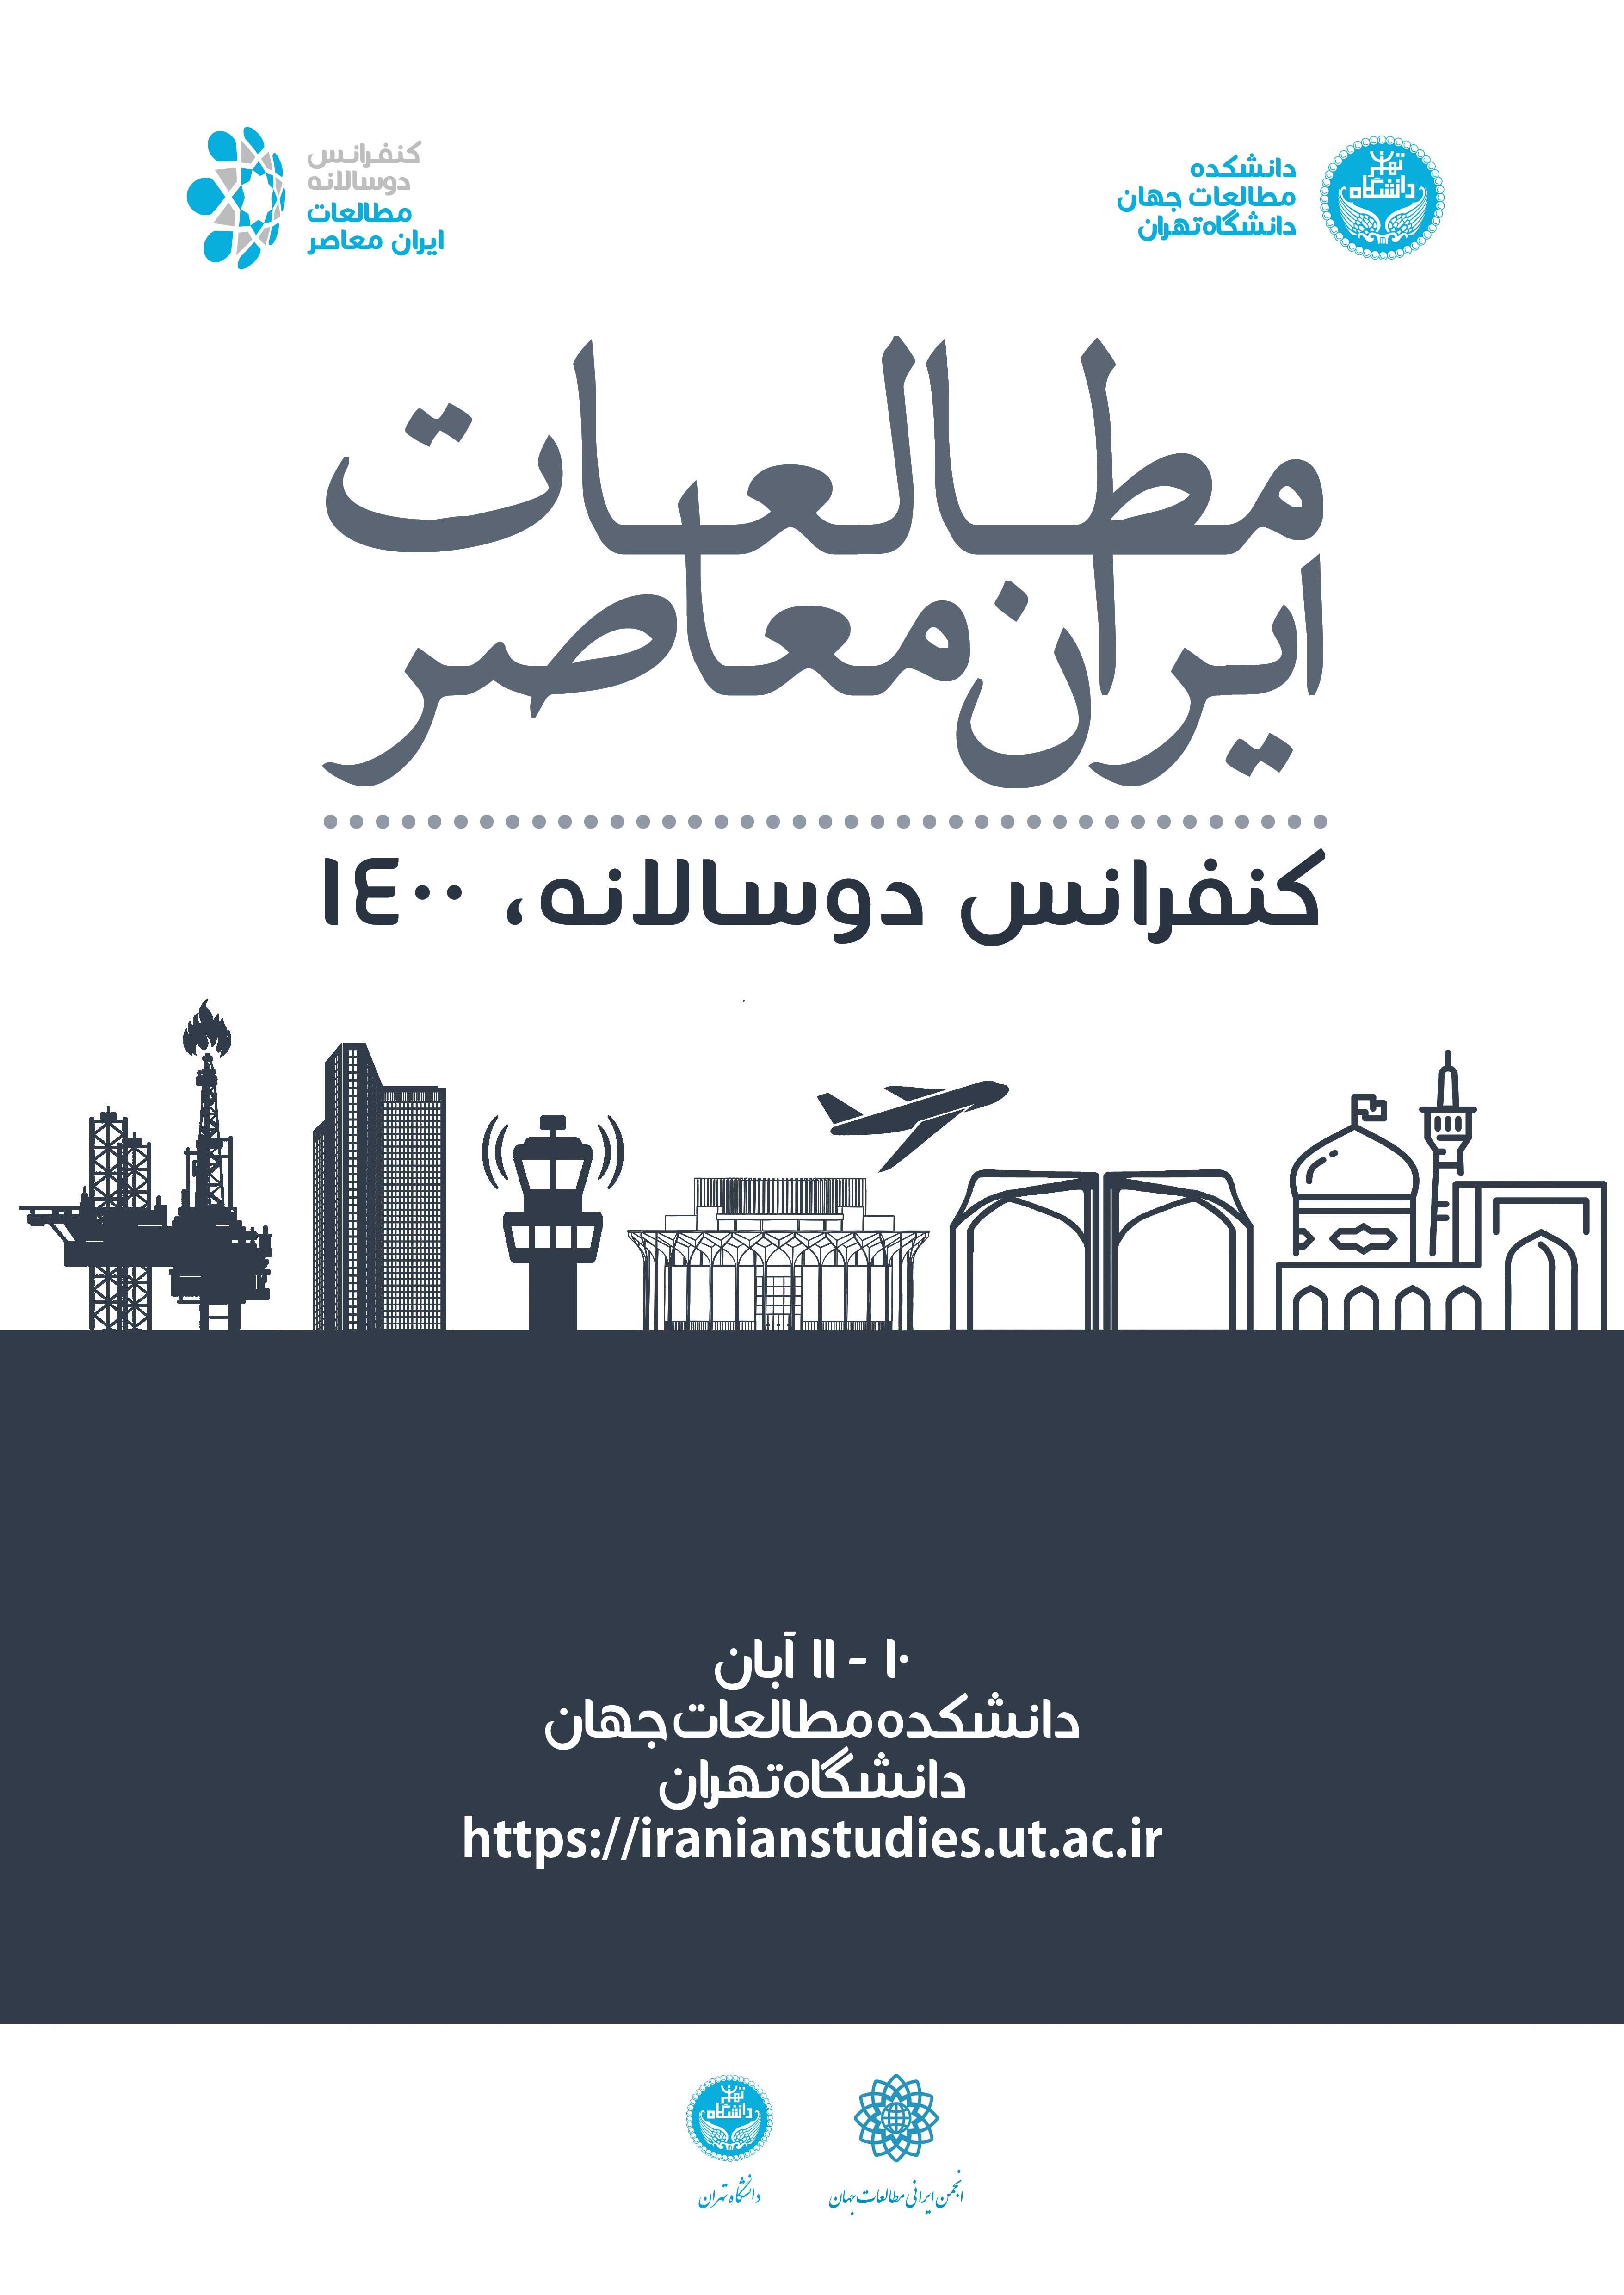 کنفرانس مطالعات ایران معاصر